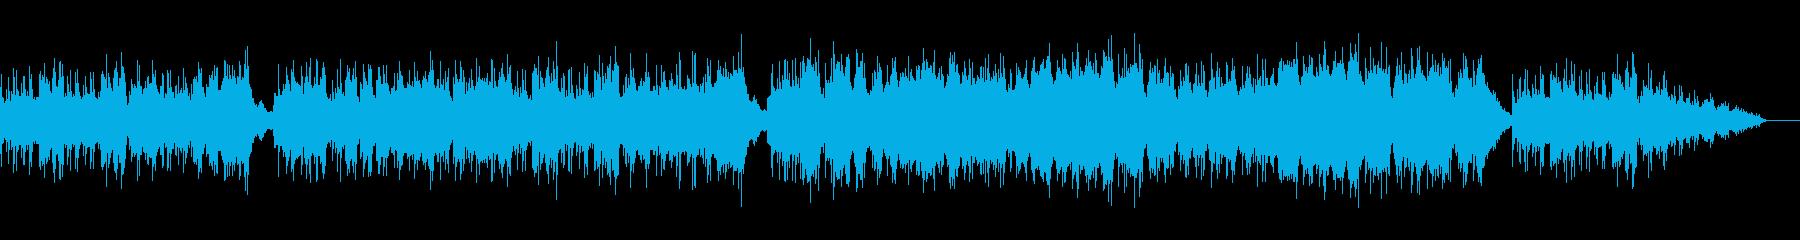 RPG:フィールド用BGM1の再生済みの波形